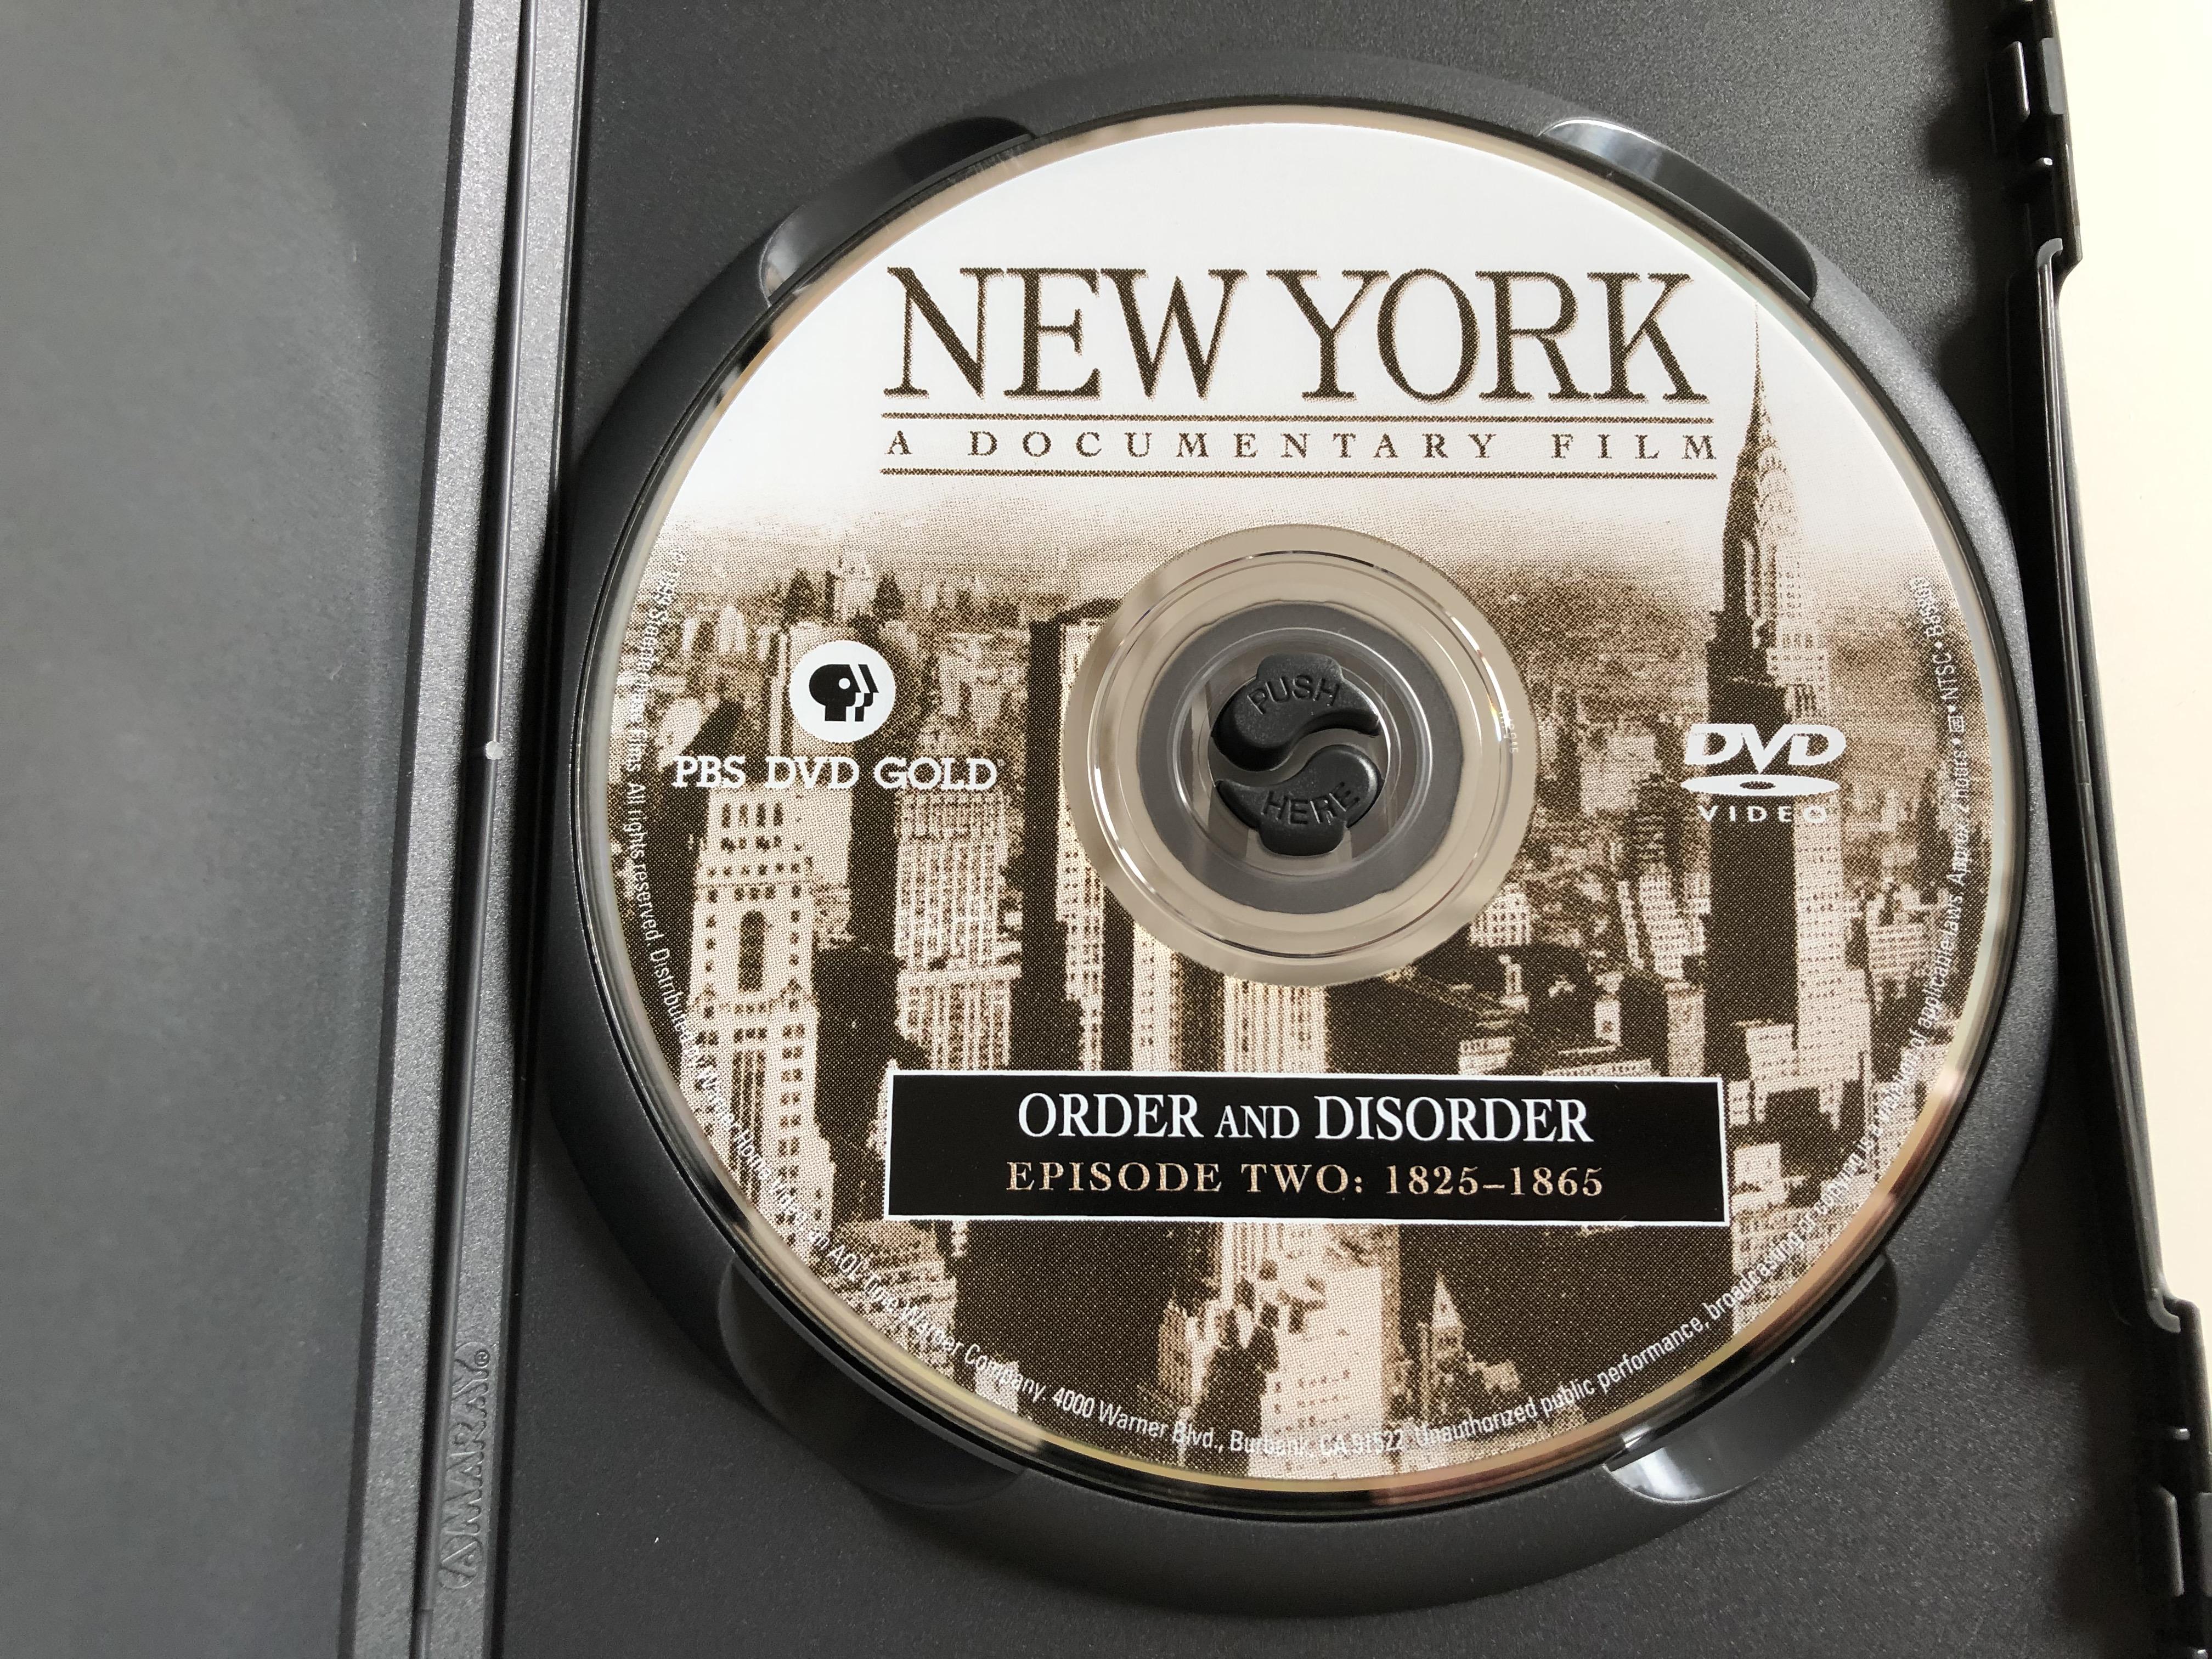 new-york-episode-2-1825-1865-2.jpg